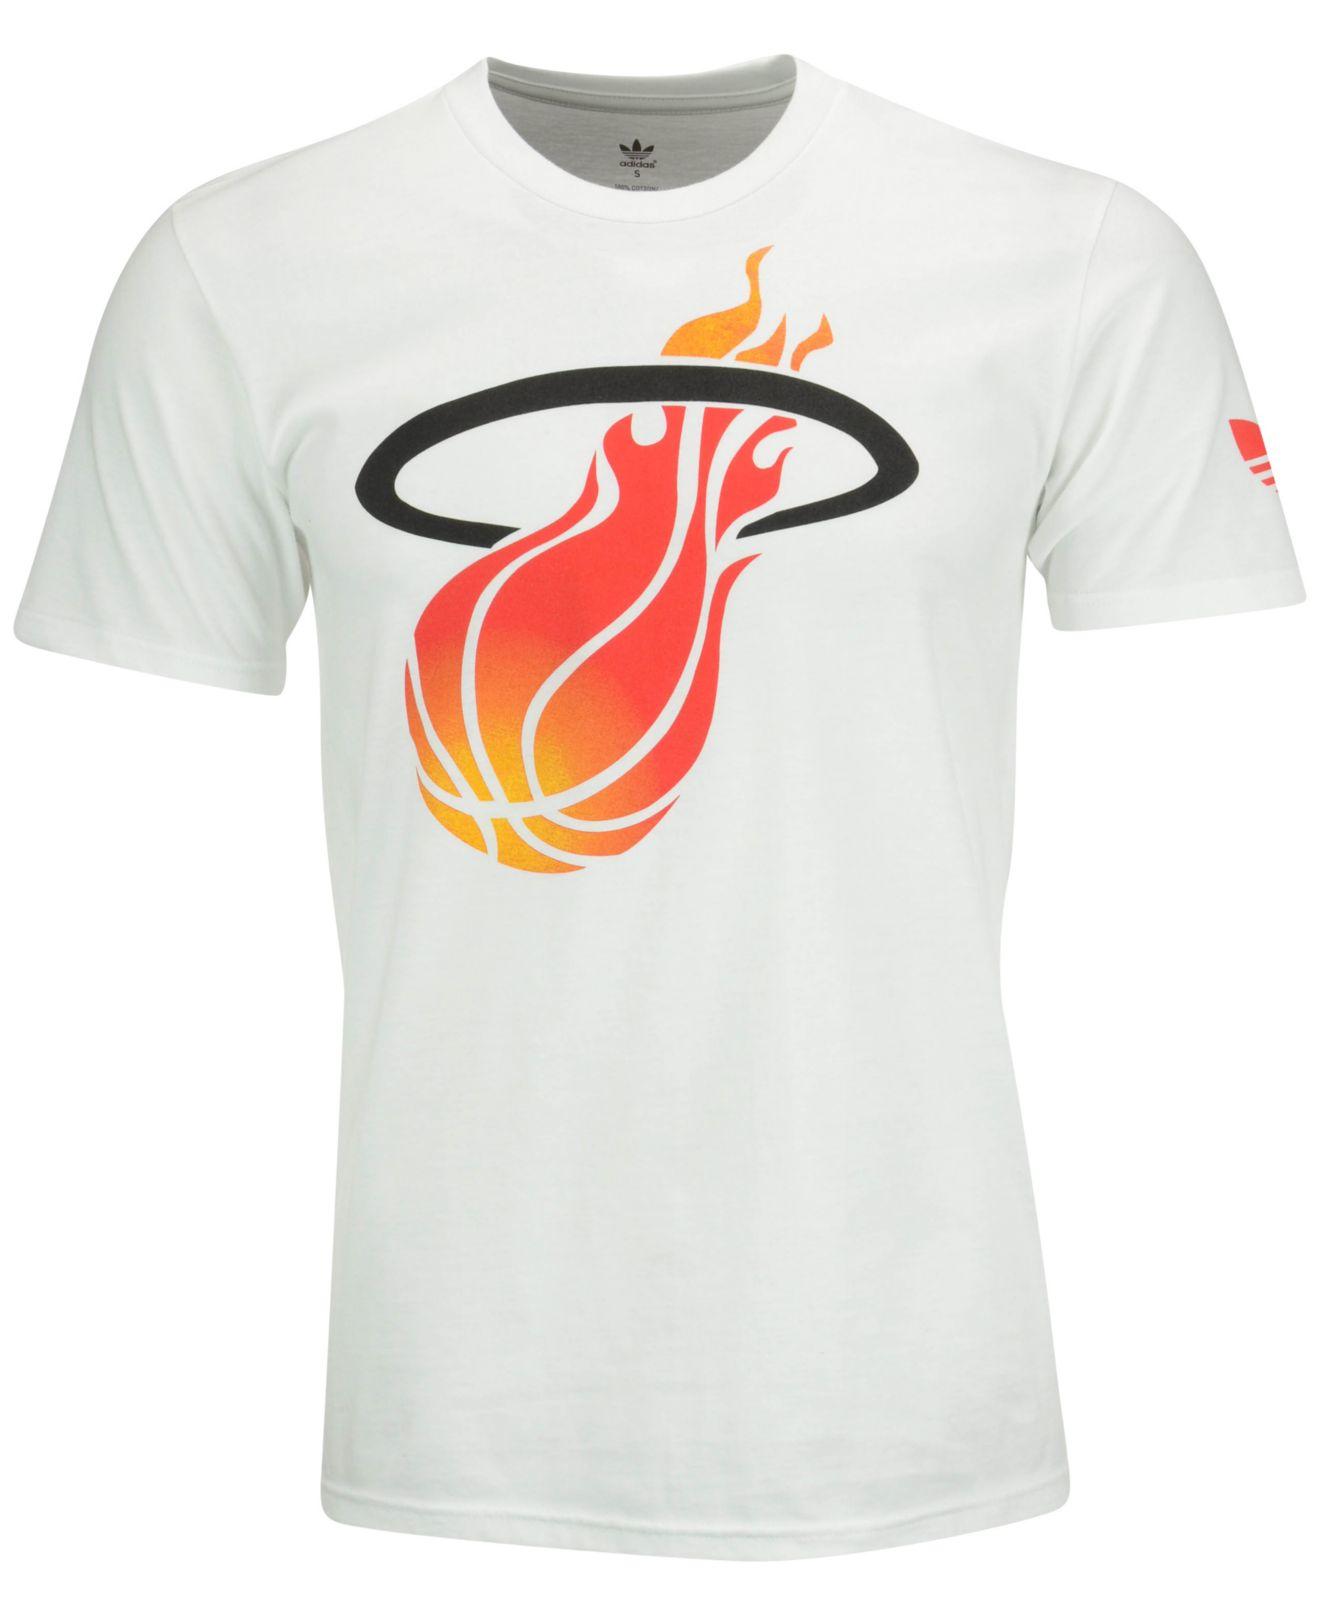 93858106e58 Lyst - adidas Originals Men s Miami Heat Big And Clean T-shirt in ...